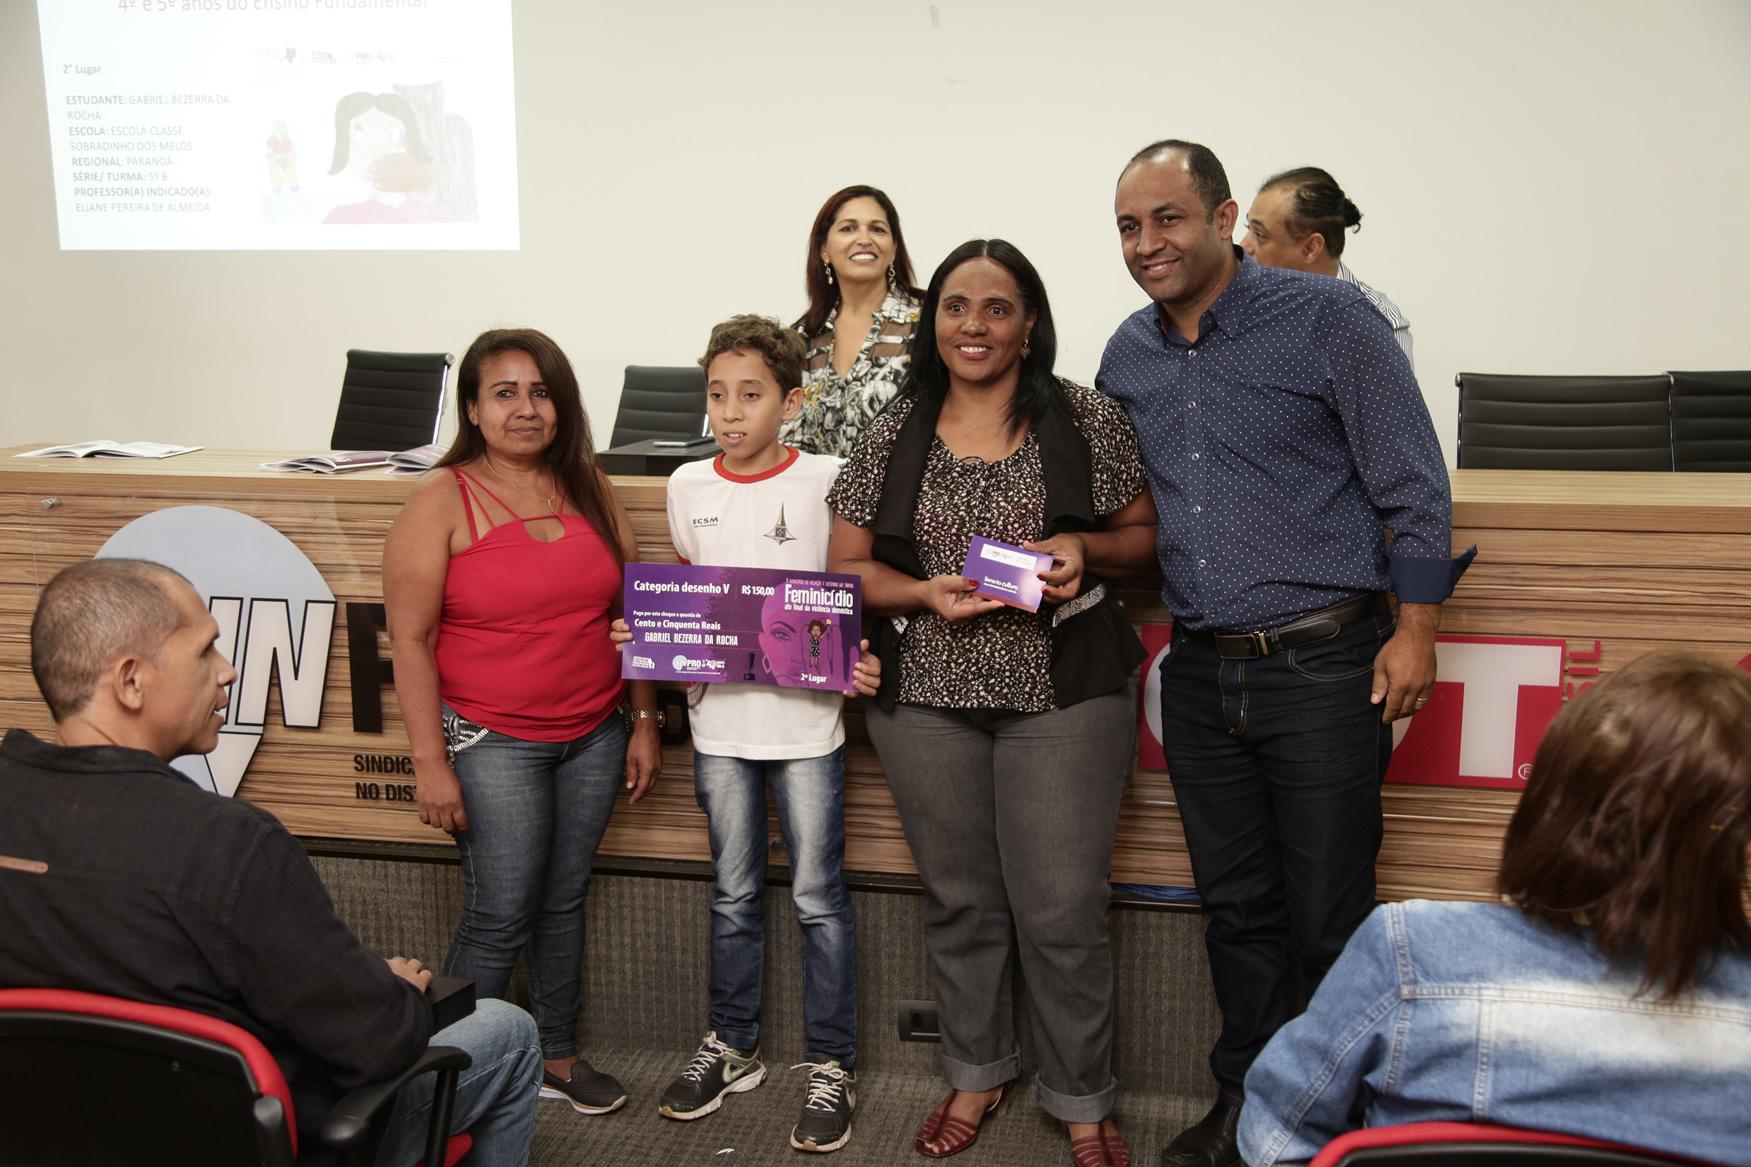 2019.05.19-Premiacao-do-X-Concurso-de-Redacao-do-Sinpro-DF_fotos-ECOM-75